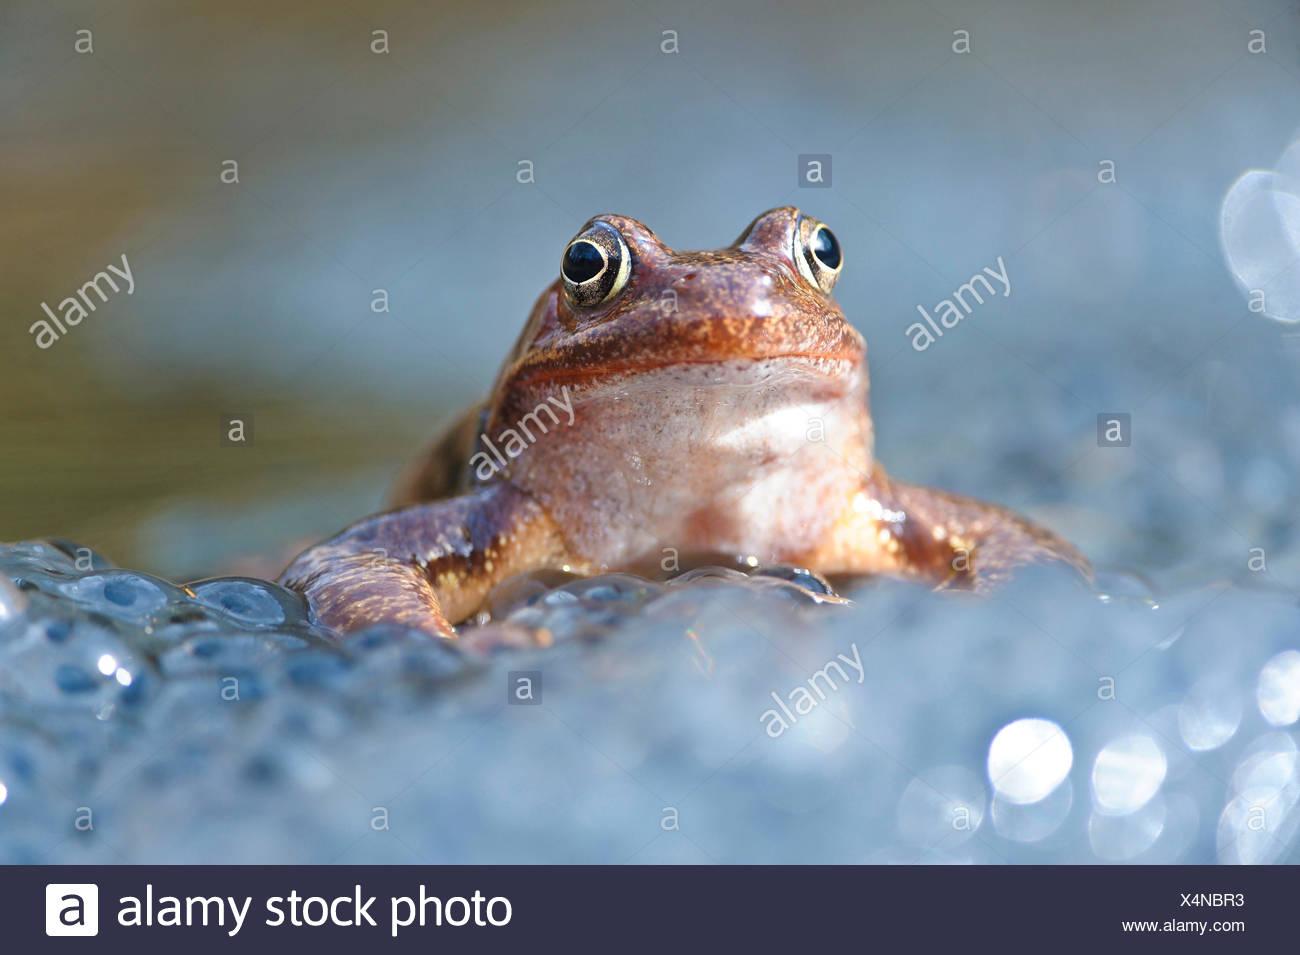 Grasfrosch (Rana temporaria) Grass Frog Stock Photo